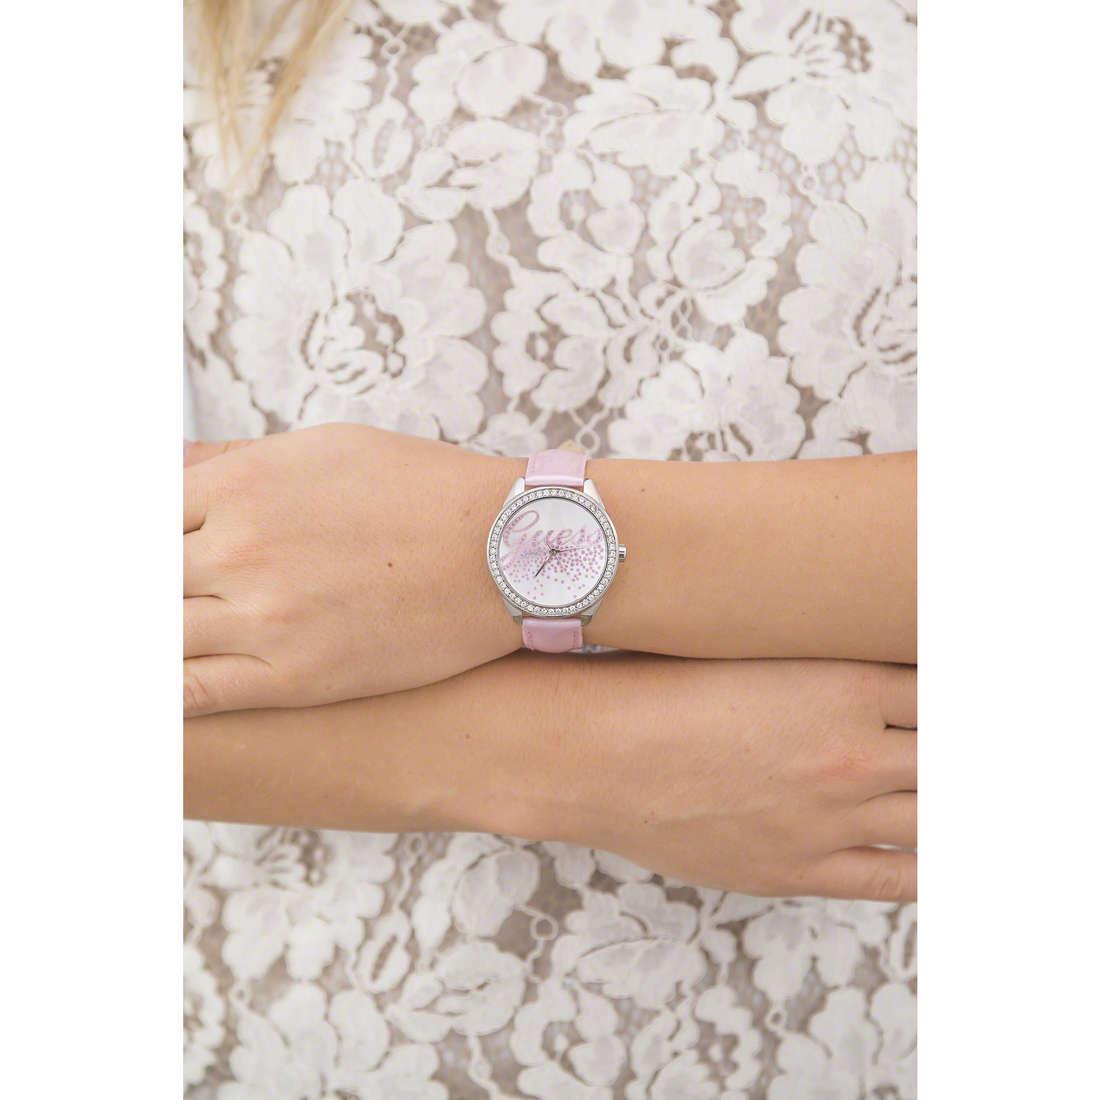 Orologi da donna, tre idee per acquistare un accessorio di classe